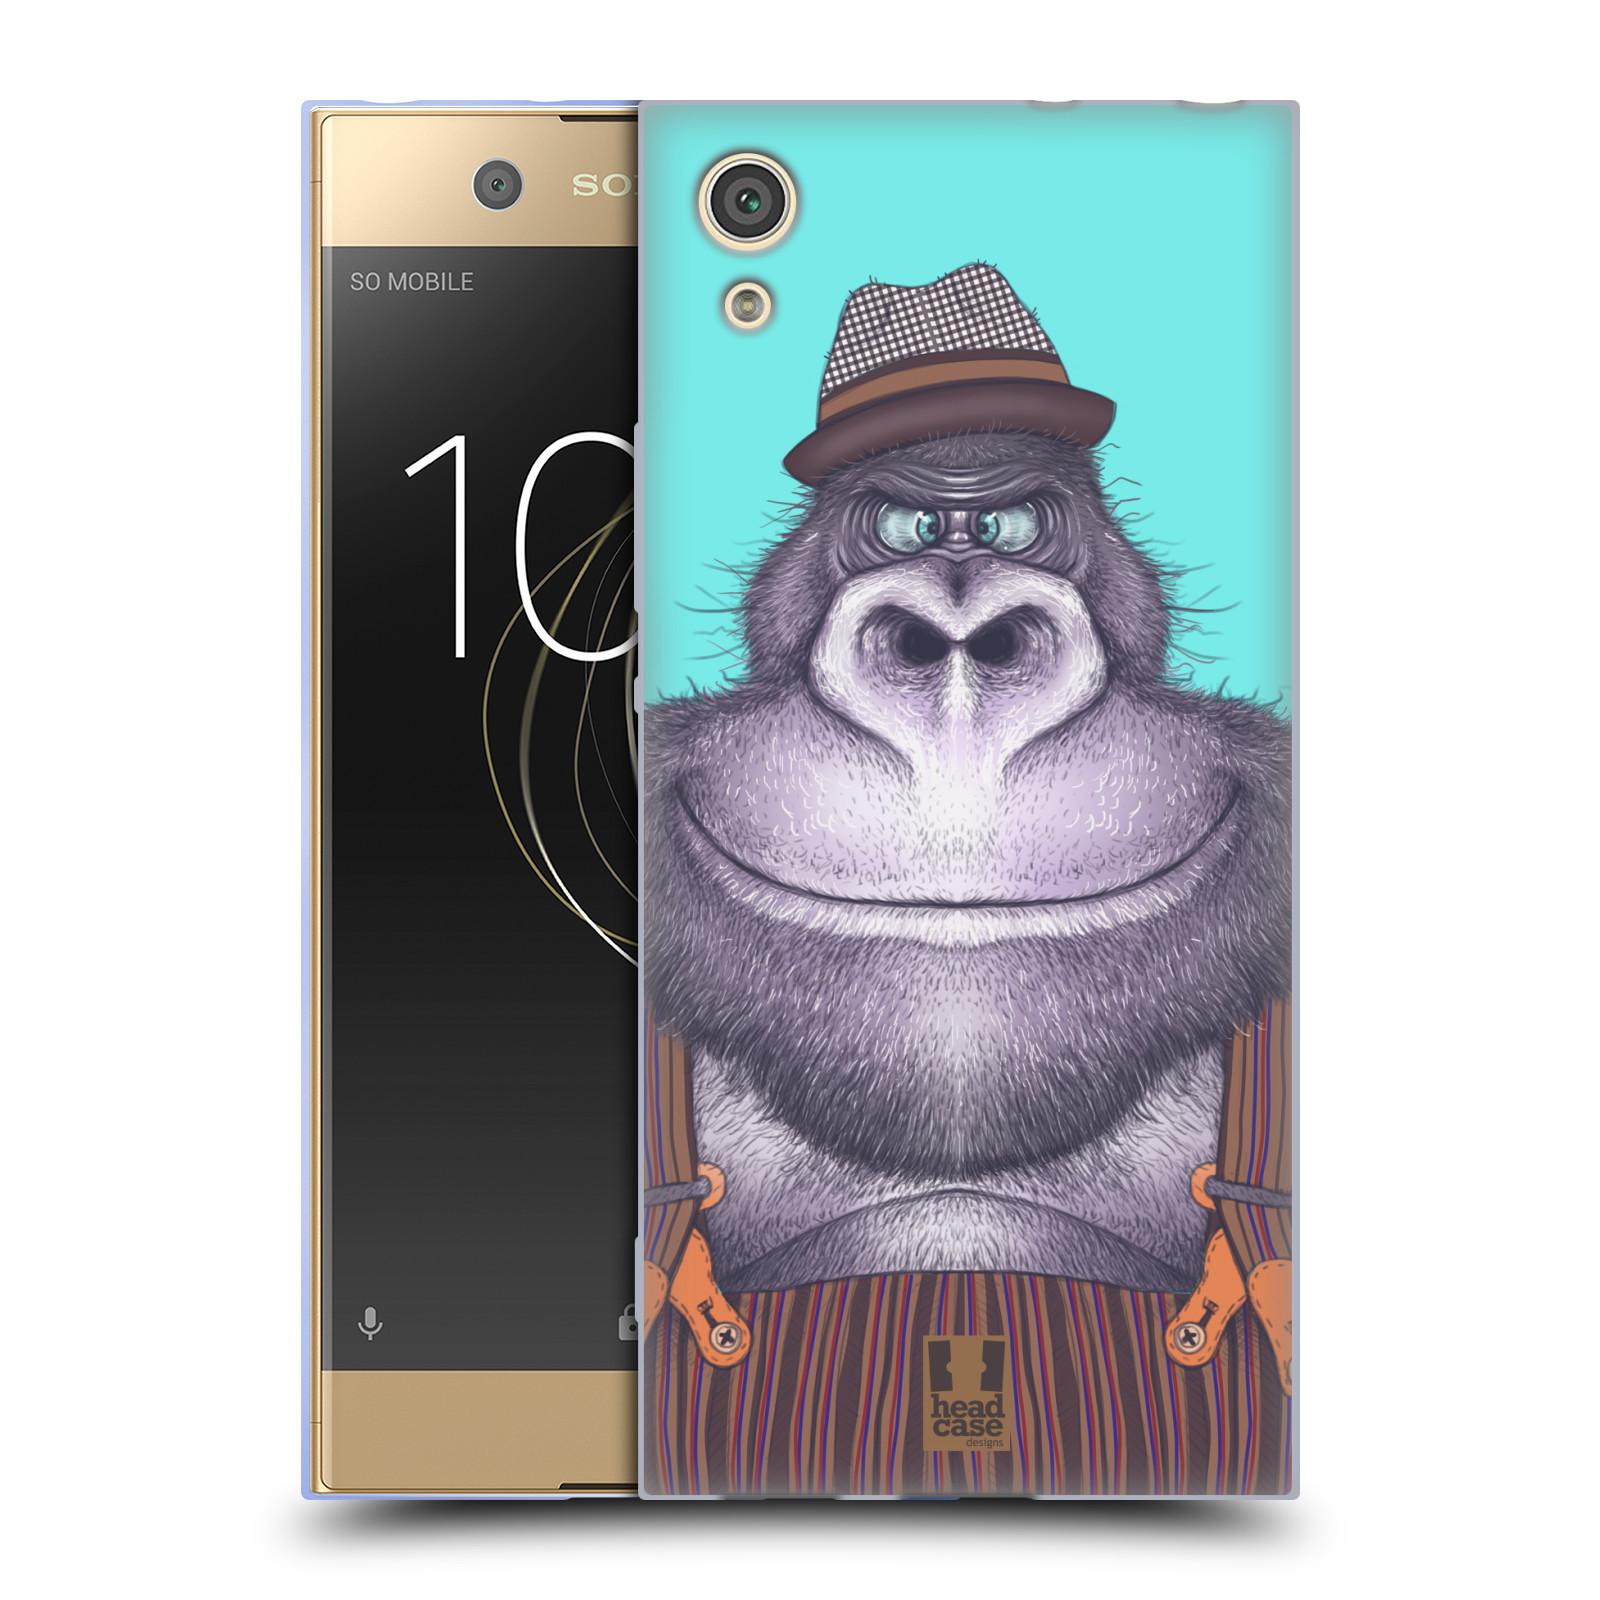 HEAD CASE silikonový obal na mobil Sony Xperia XA1 / XA1 DUAL SIM vzor Kreslená zvířátka gorila